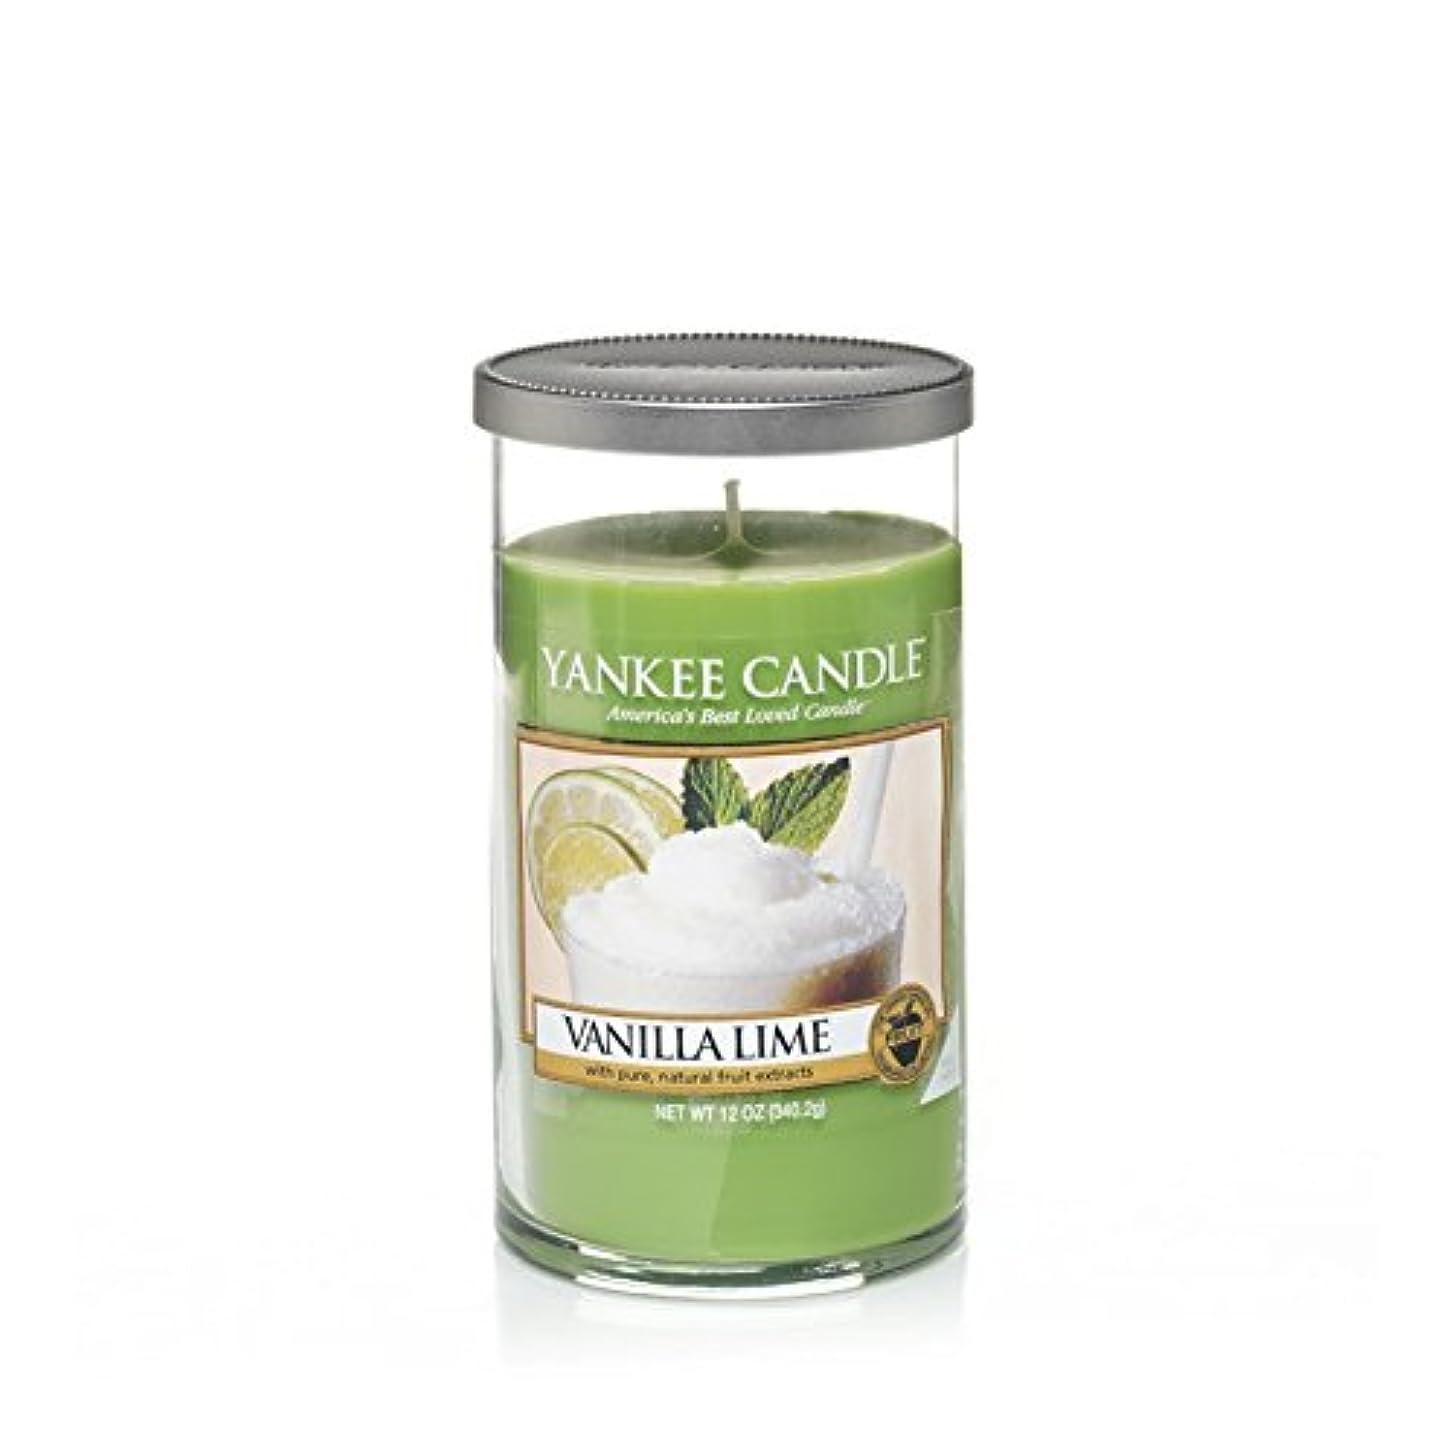 出発する発掘道を作るYankee Candles Medium Pillar Candle - Vanilla Lime (Pack of 2) - ヤンキーキャンドルメディアピラーキャンドル - バニラライム (x2) [並行輸入品]